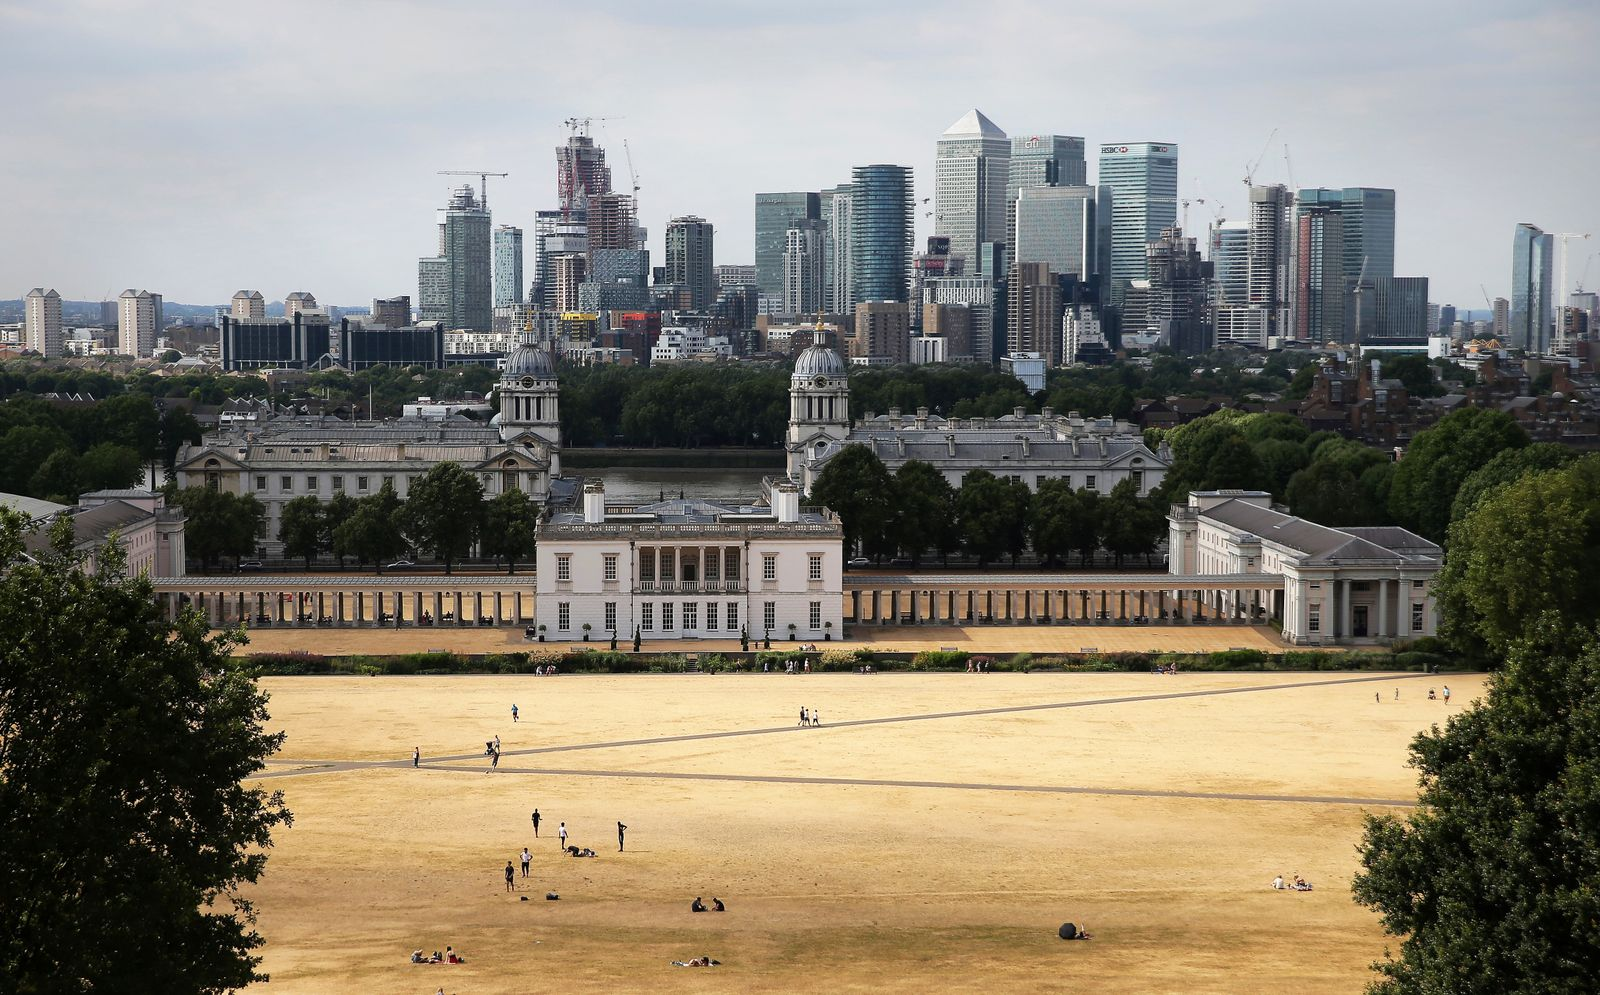 London Banken / Konjunktur / Banken-Viertel / Wirtschaft / England / Finanzzentrum Passanten